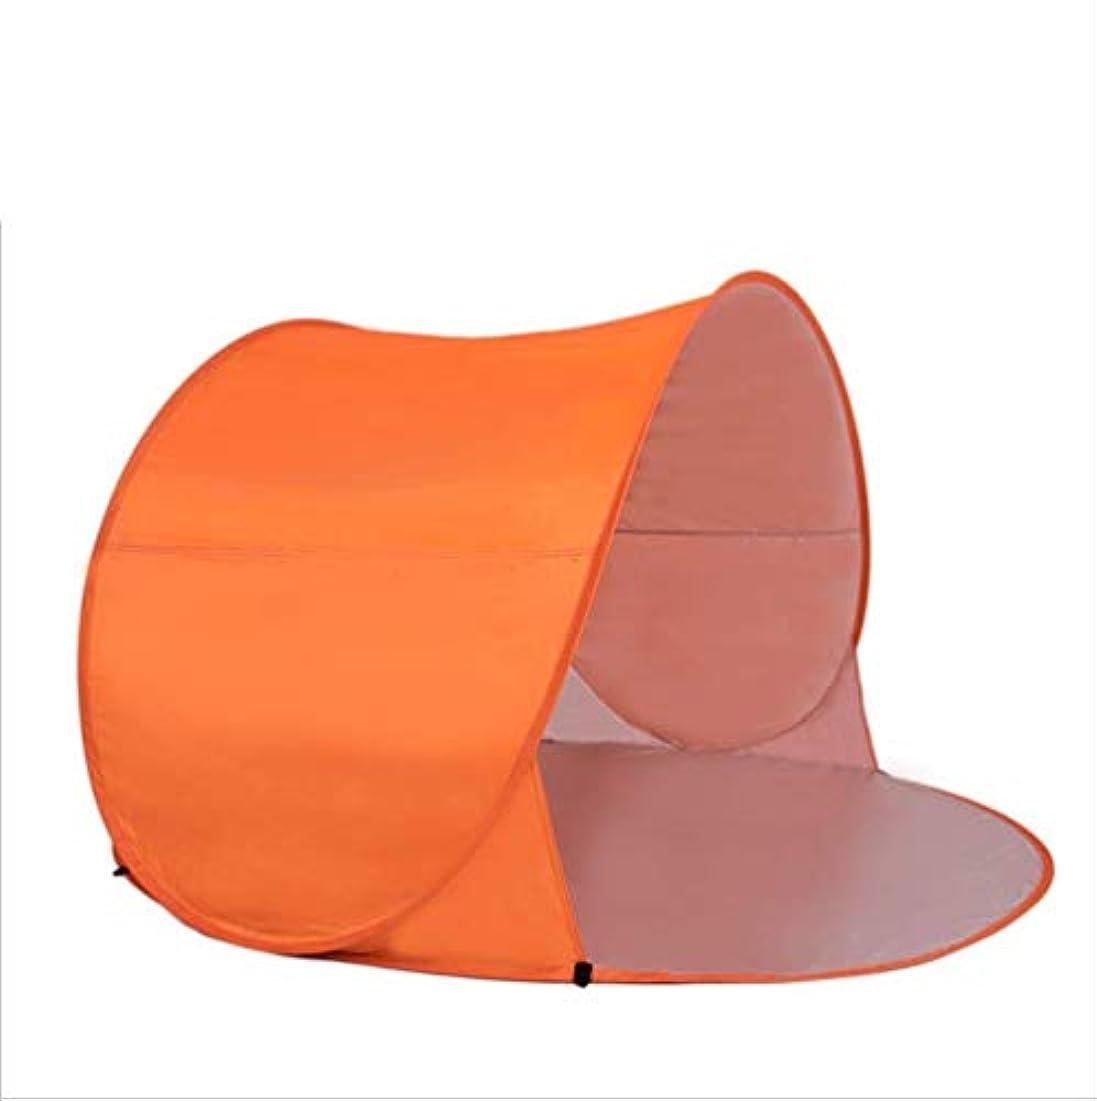 スラッシュパラシュート公屋外自動テント紫外線保護子供のダブルビーチテントスピードオープン釣りシェードテント150×150 * 90センチメートルb